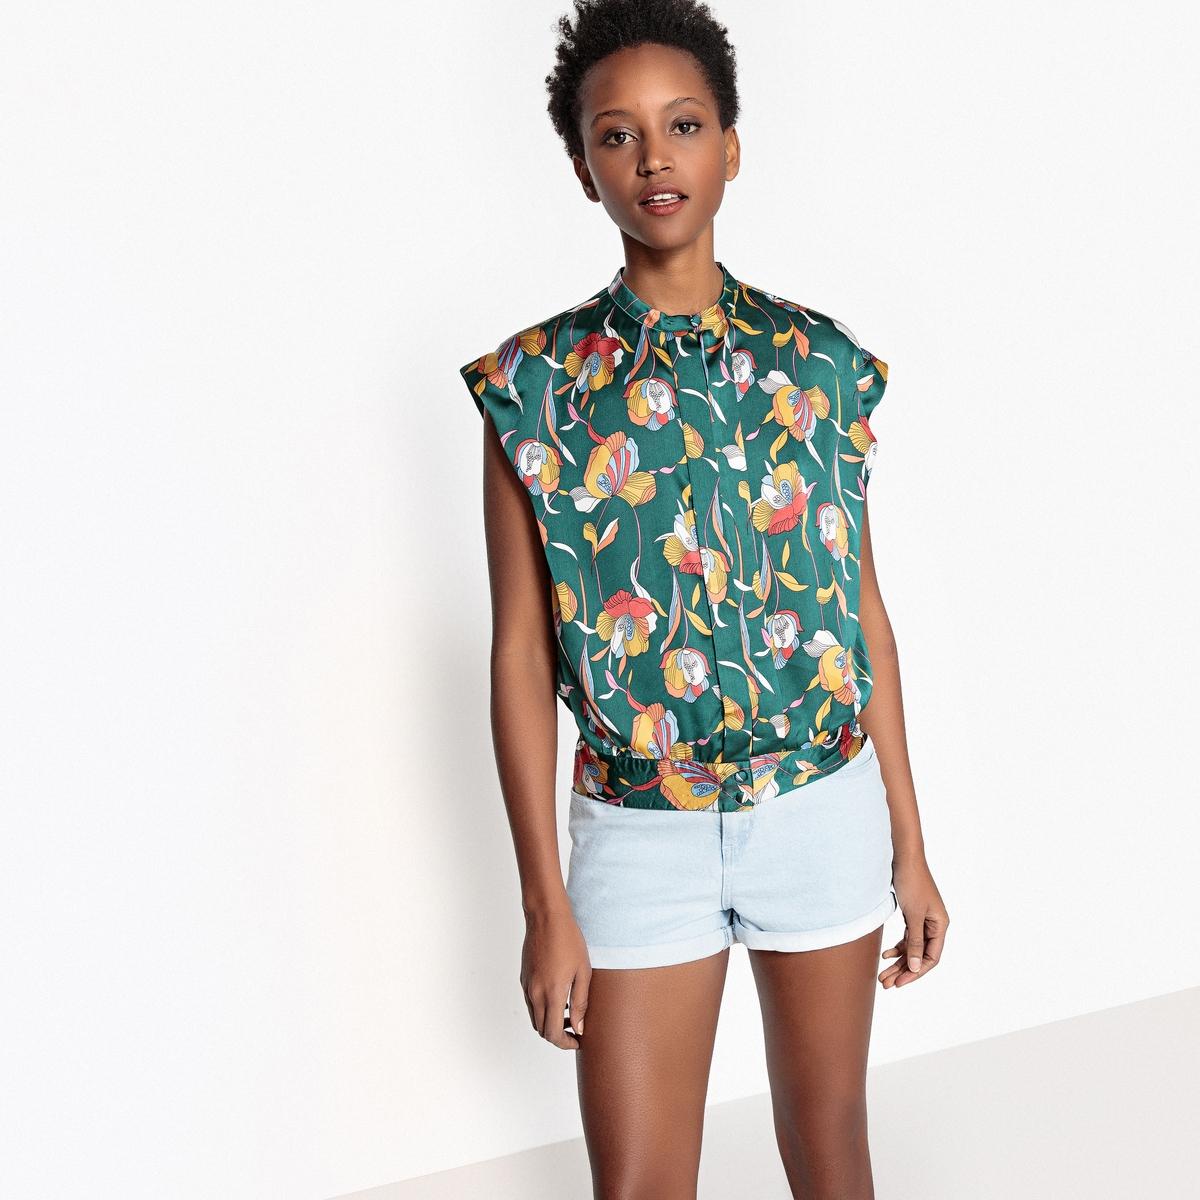 Блузка со стоячим воротником и цветочным рисунком, без рукавов блузка однотонная со стоячим воротником и нагрудными карманами